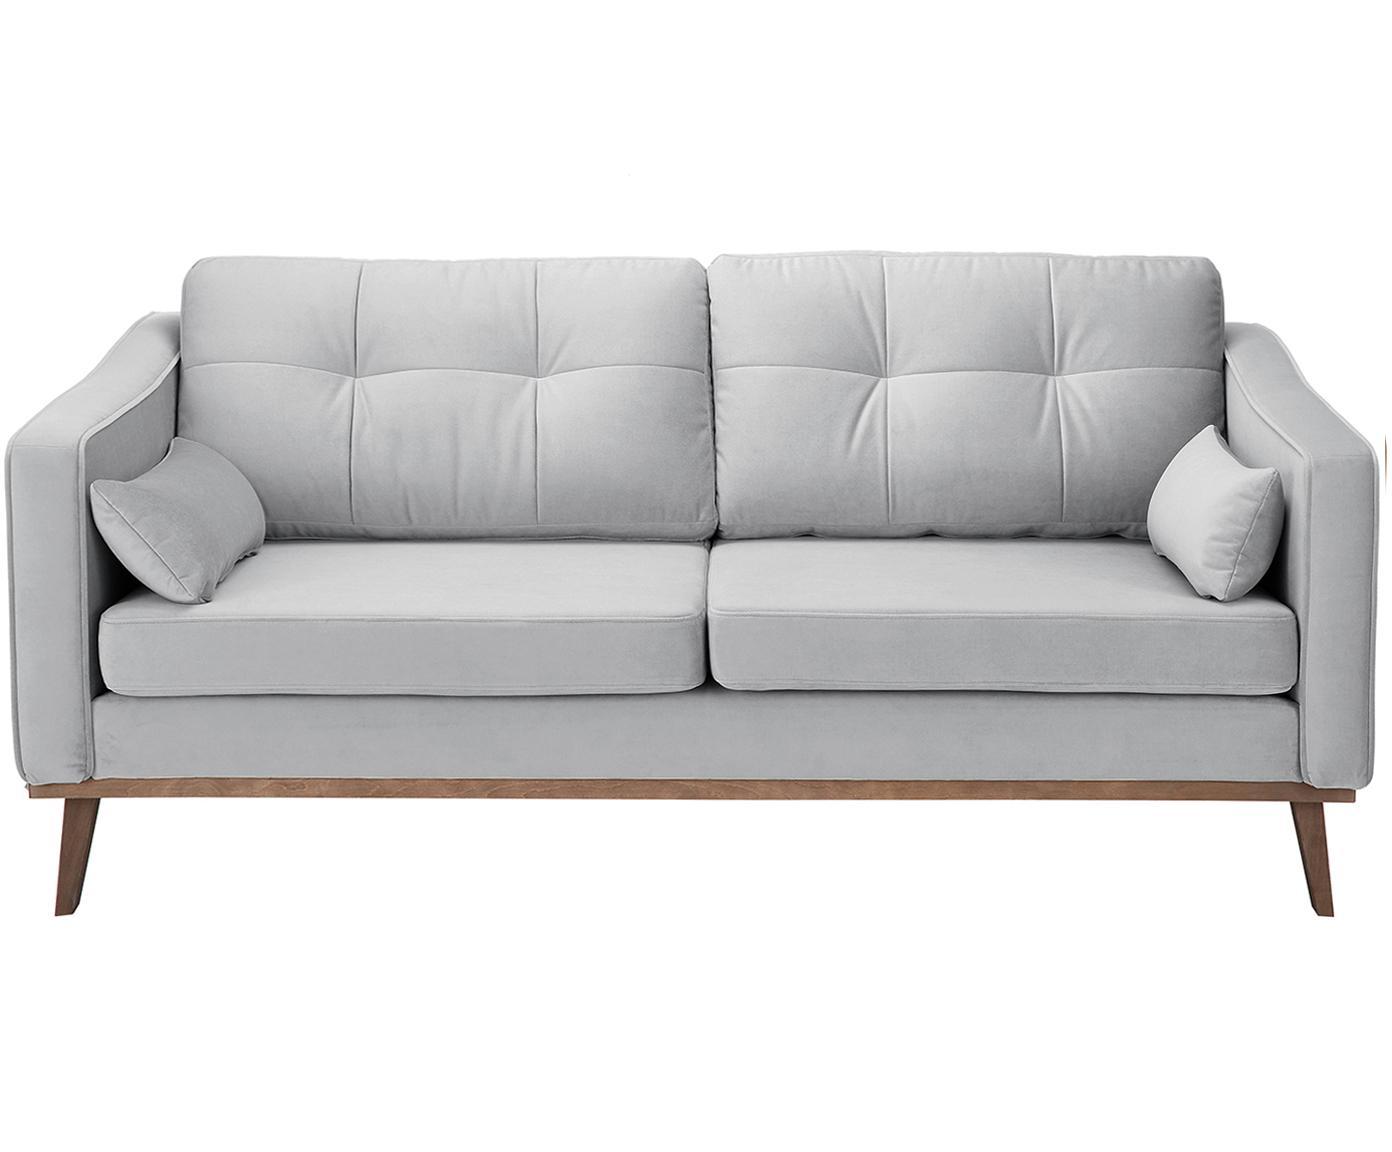 Sofa z aksamitu Alva (2-osobowa), Tapicerka: aksamit (wysokiej jakości, Stelaż: drewno sosnowe, Nogi: lite drewno bukowe, barwi, Szary, S 184 x G 92 cm